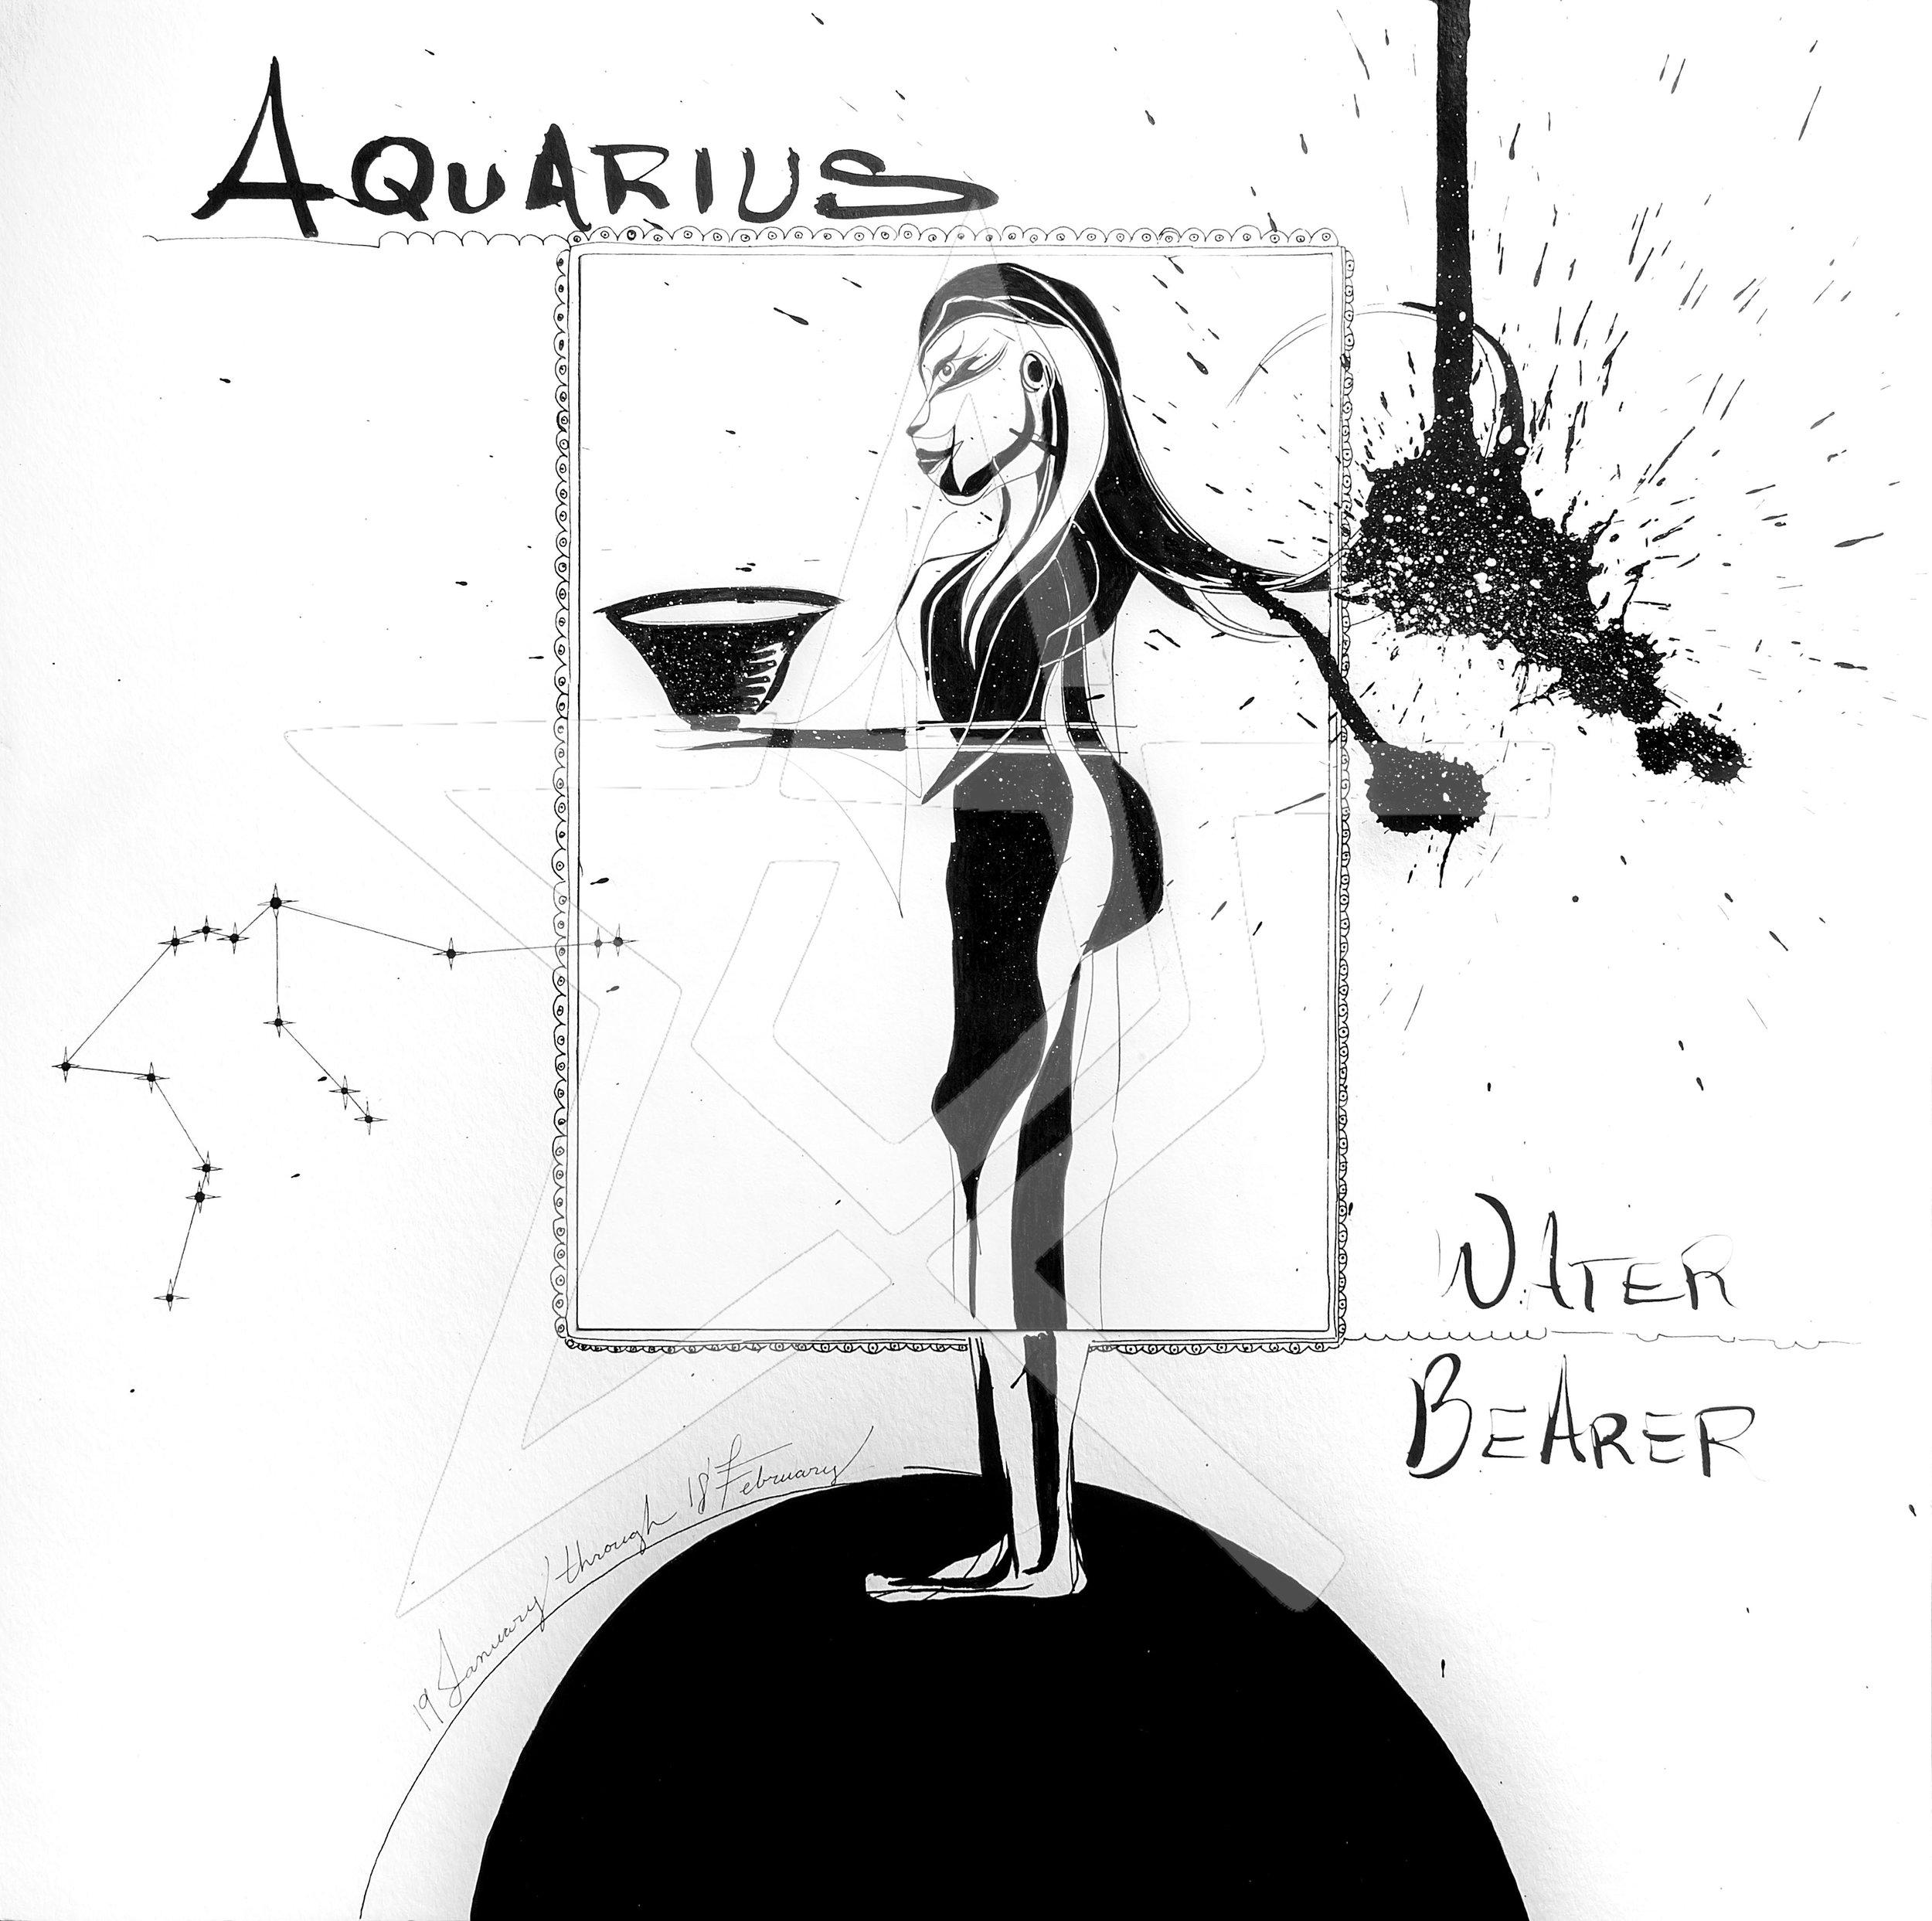 Aquarius spilled ink watermark.jpg